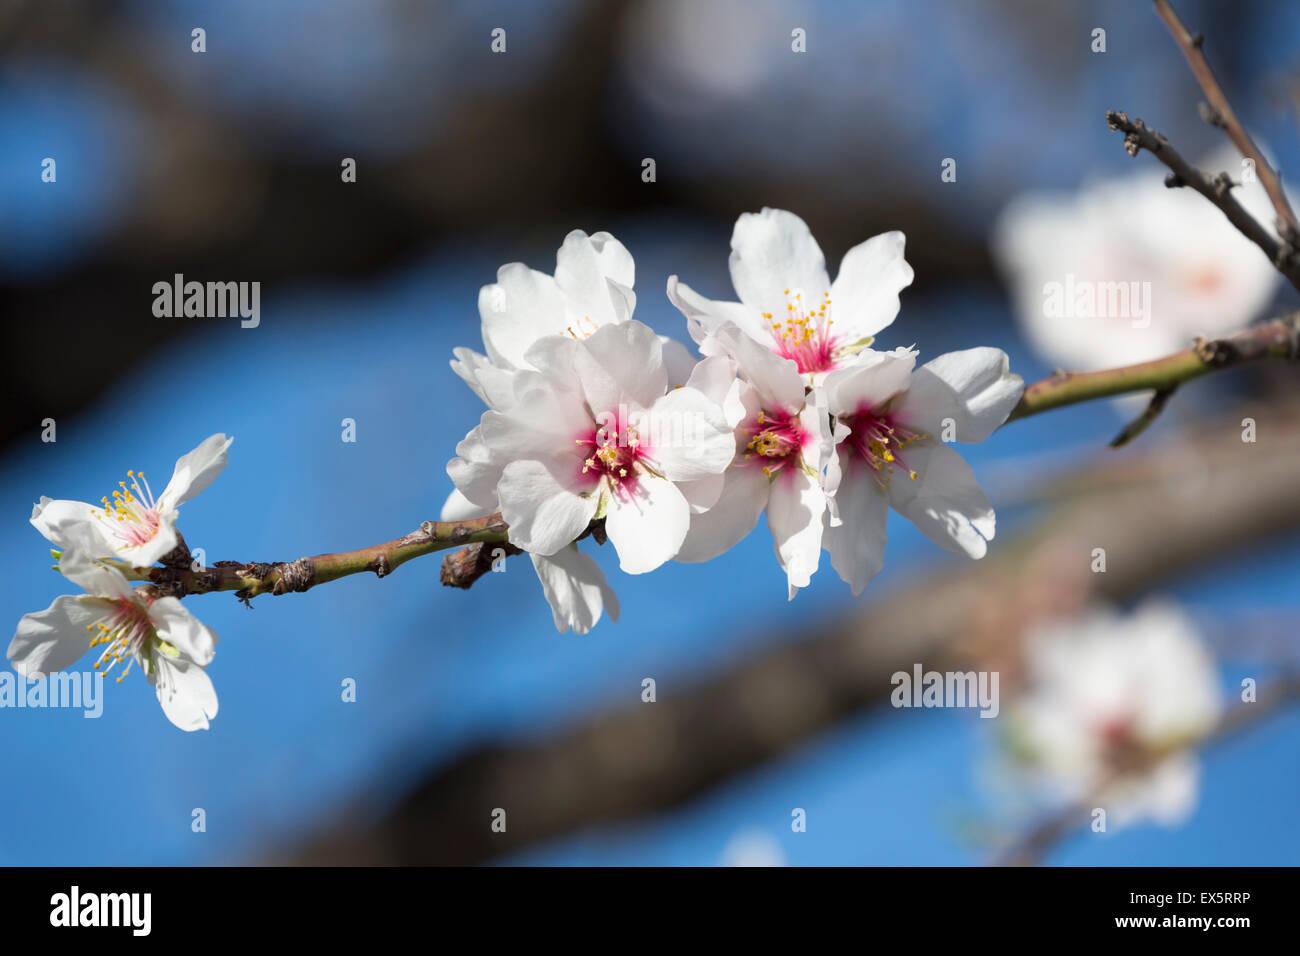 Almond blossom, Prunus dulcis. - Stock Image